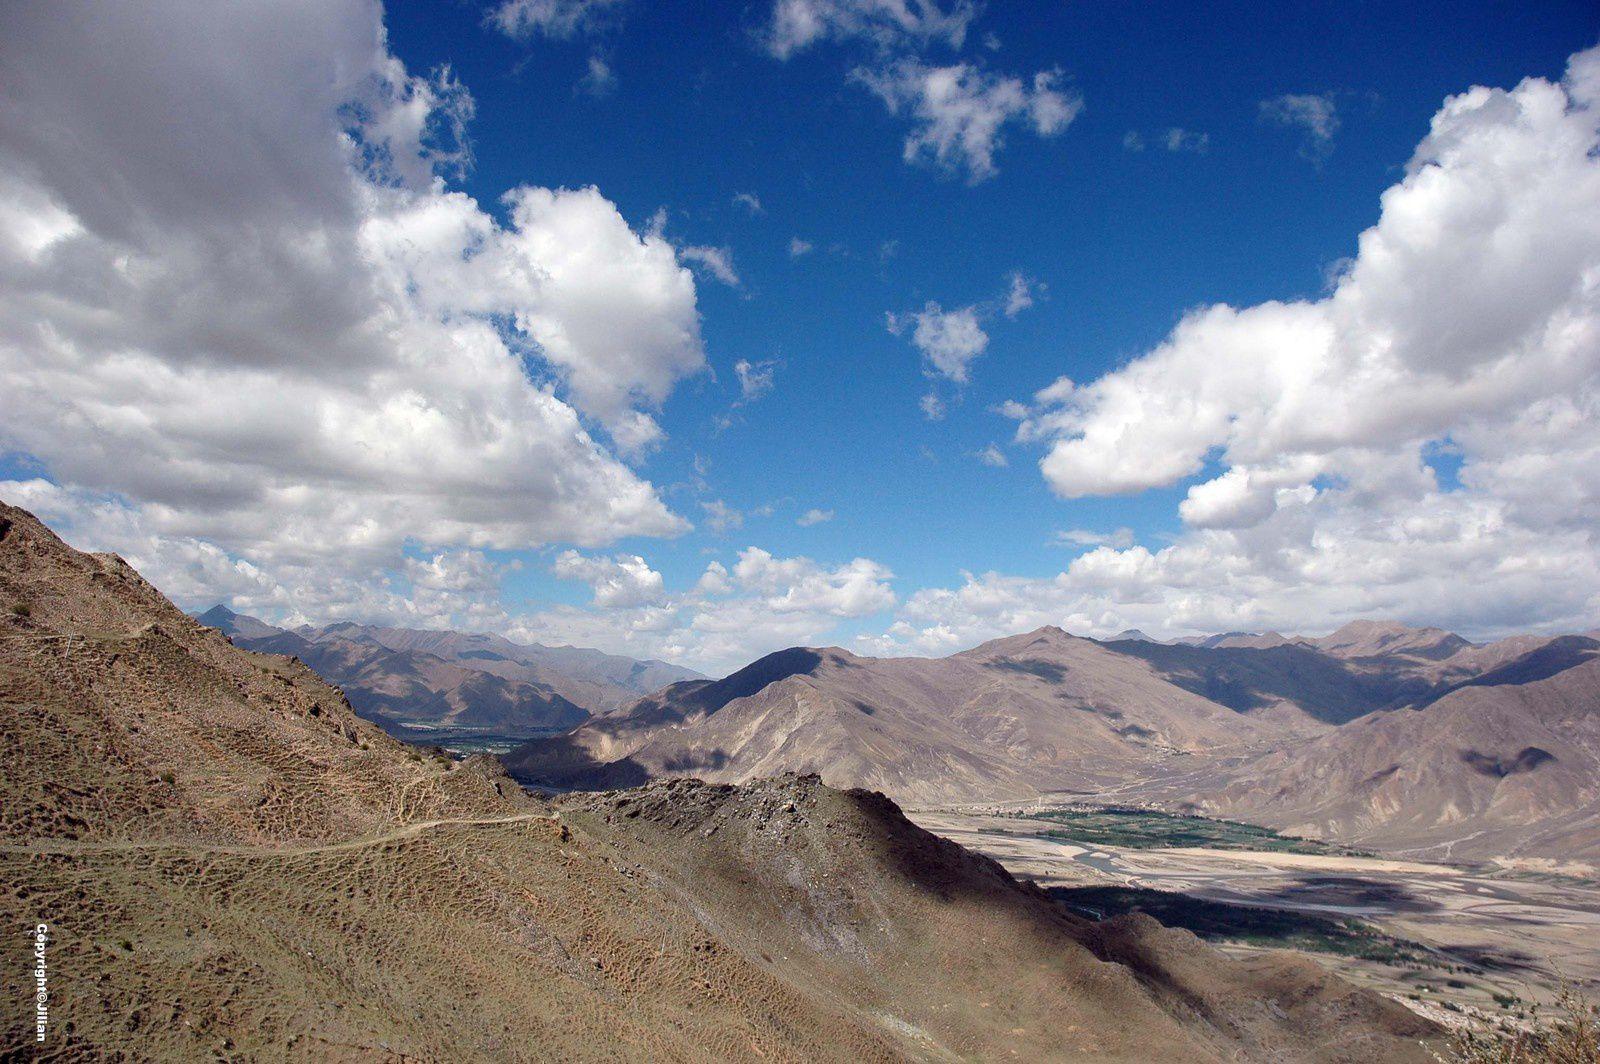 Le Ganden Lingkhor, la voie pérégrinale qui fait le tour du monastère et domine la très fertile vallée de la Kyichu